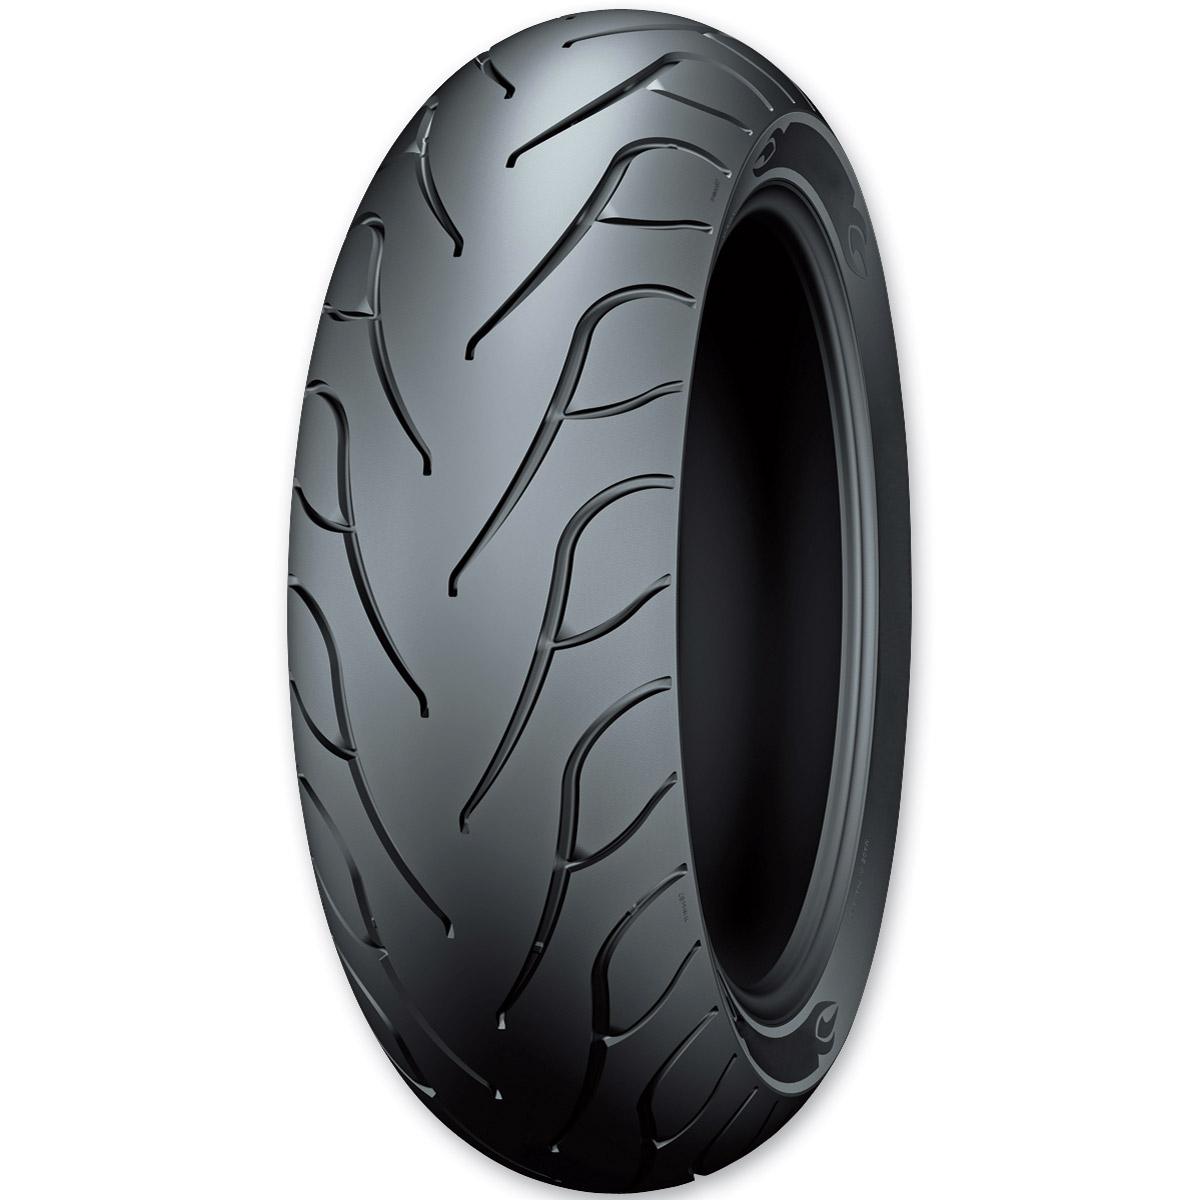 Motorcycle Rear Tire >> Michelin Commander Ii 180 70b15 Rear Tire 35142 Jpcycles Com